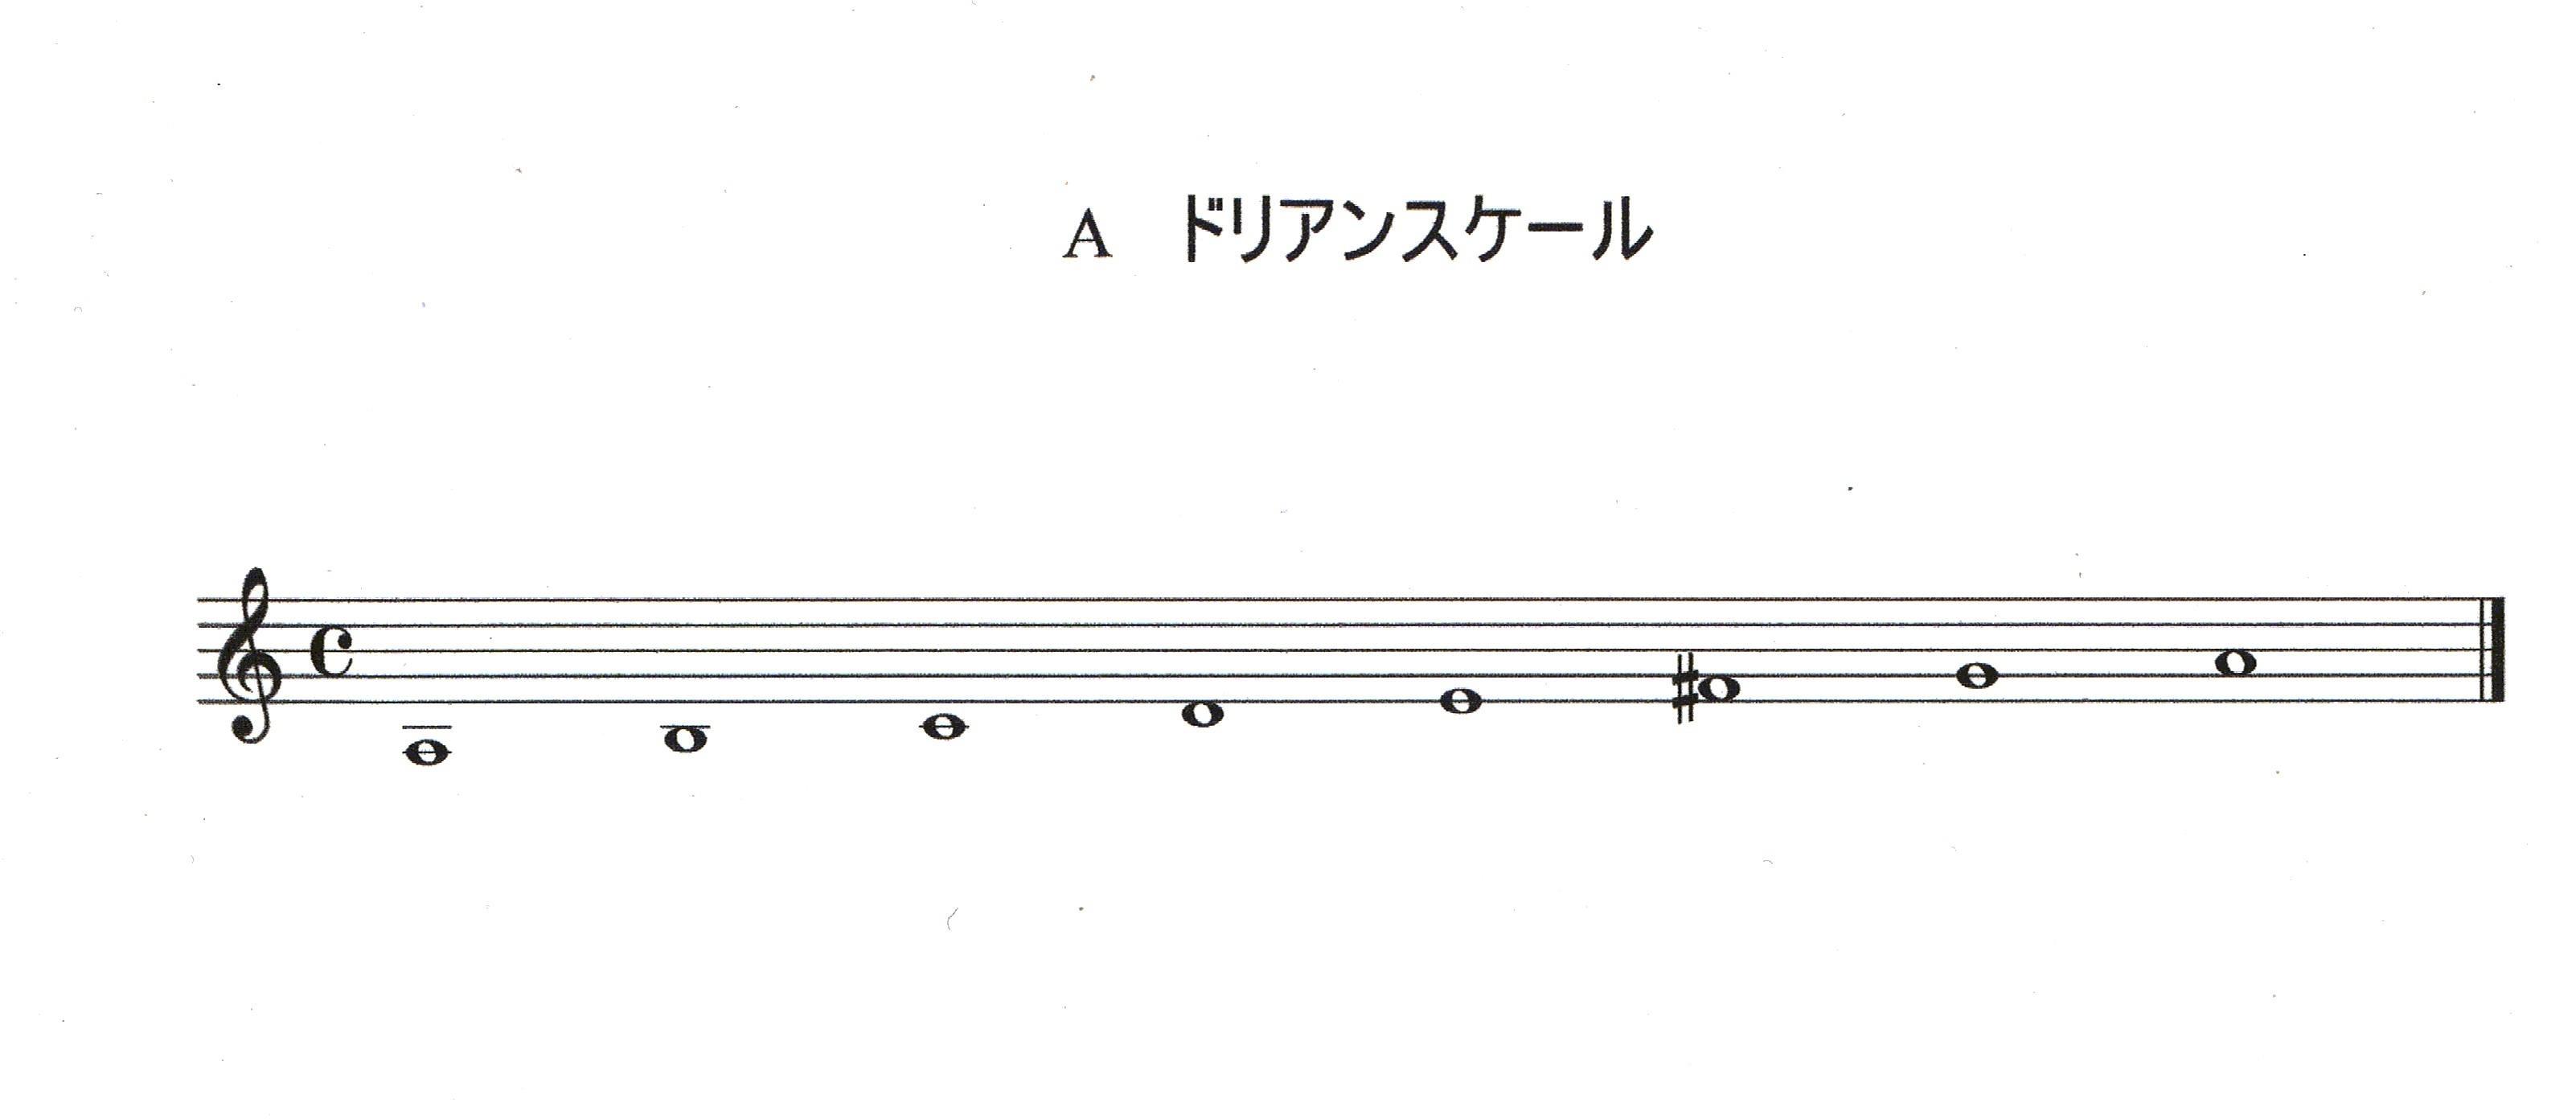 A Dorian Scale